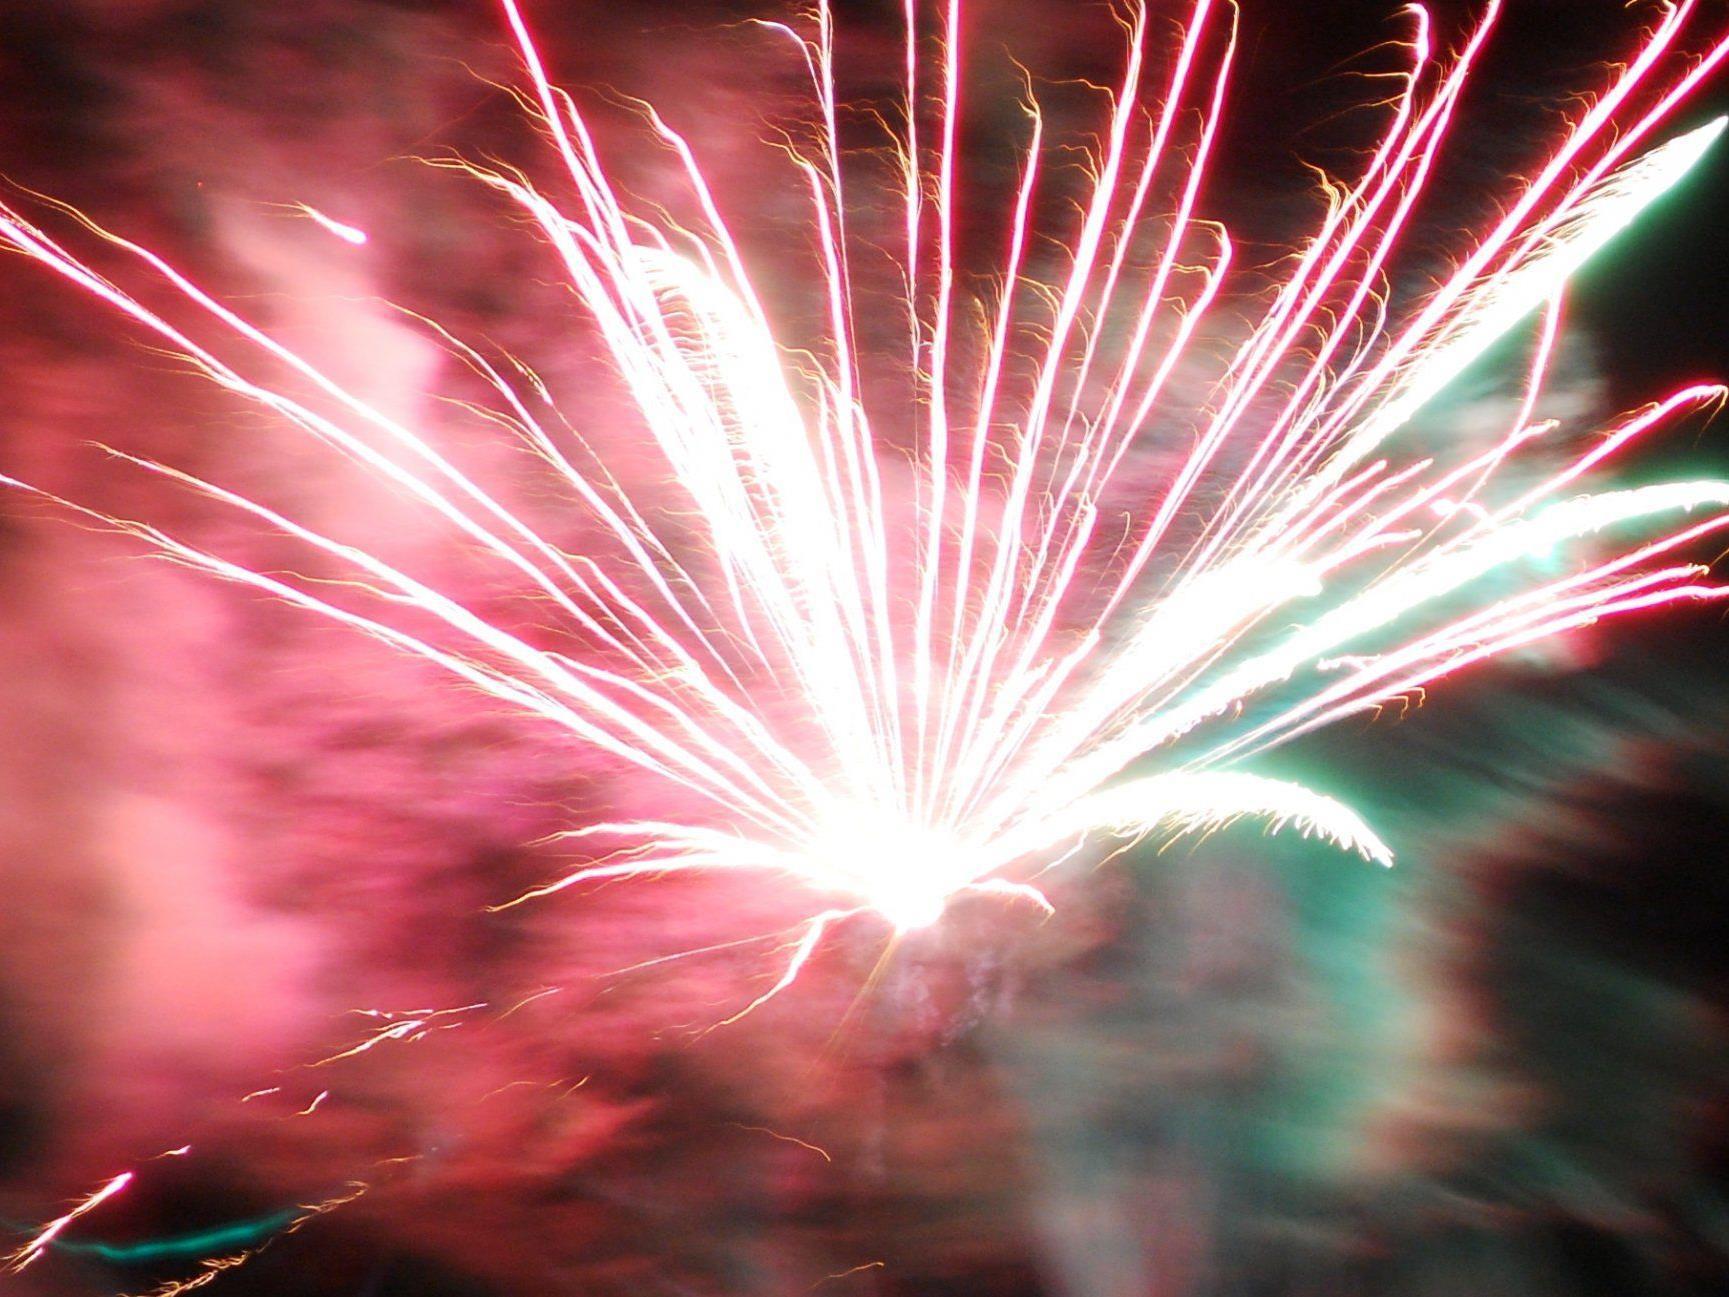 Um das Feuerwerk richtig und mit allen Fingern genießen, sollten einige Sicherheitsregeln beachtet werden.